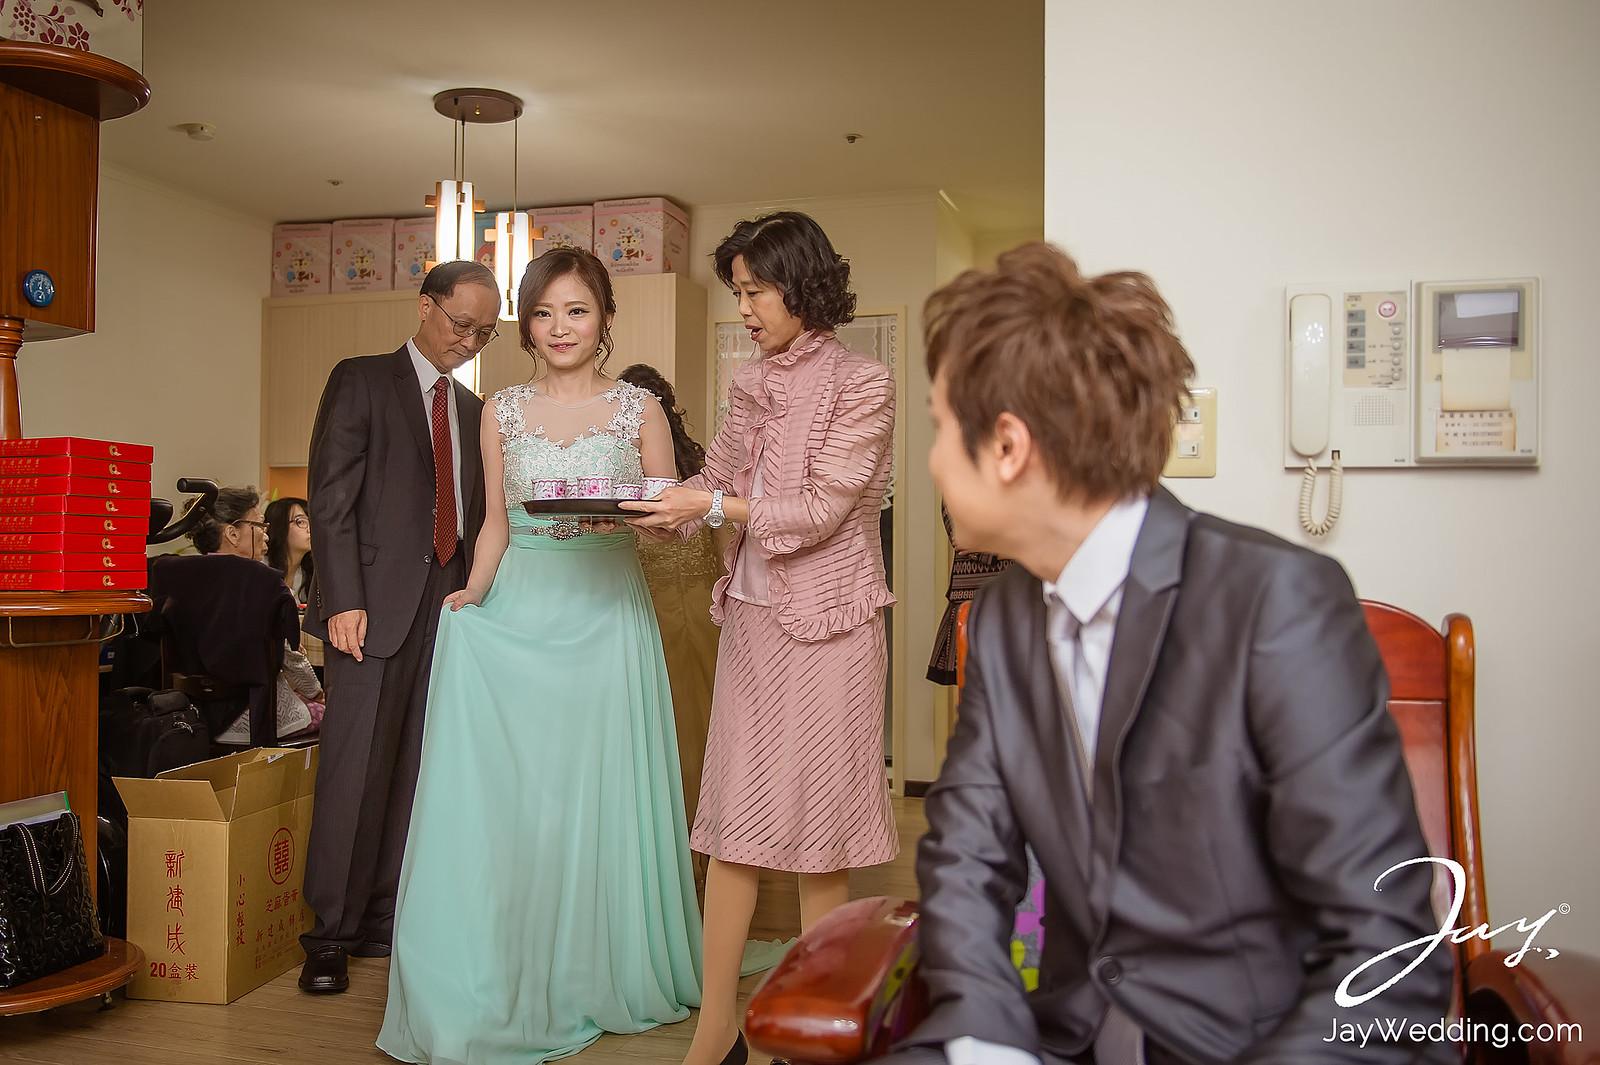 婚攝,婚禮記錄,婚禮紀錄,婚紗,桃園婚攝,婚攝彭園,jay hsieh,a-jay,儀式,捧花,彭園